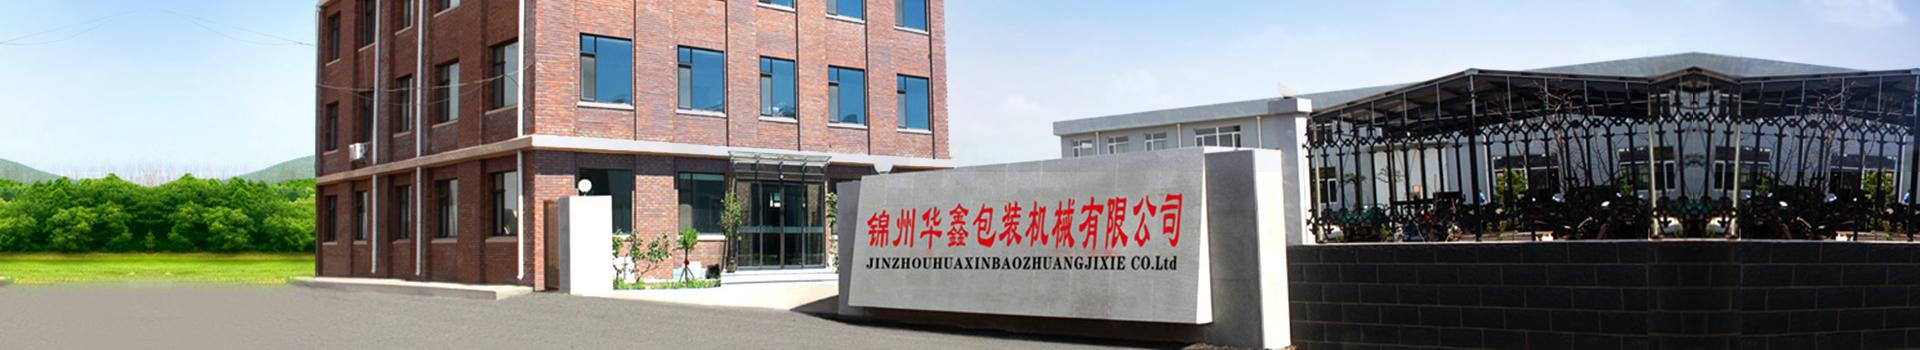 锦州华鑫包装机械有限公司